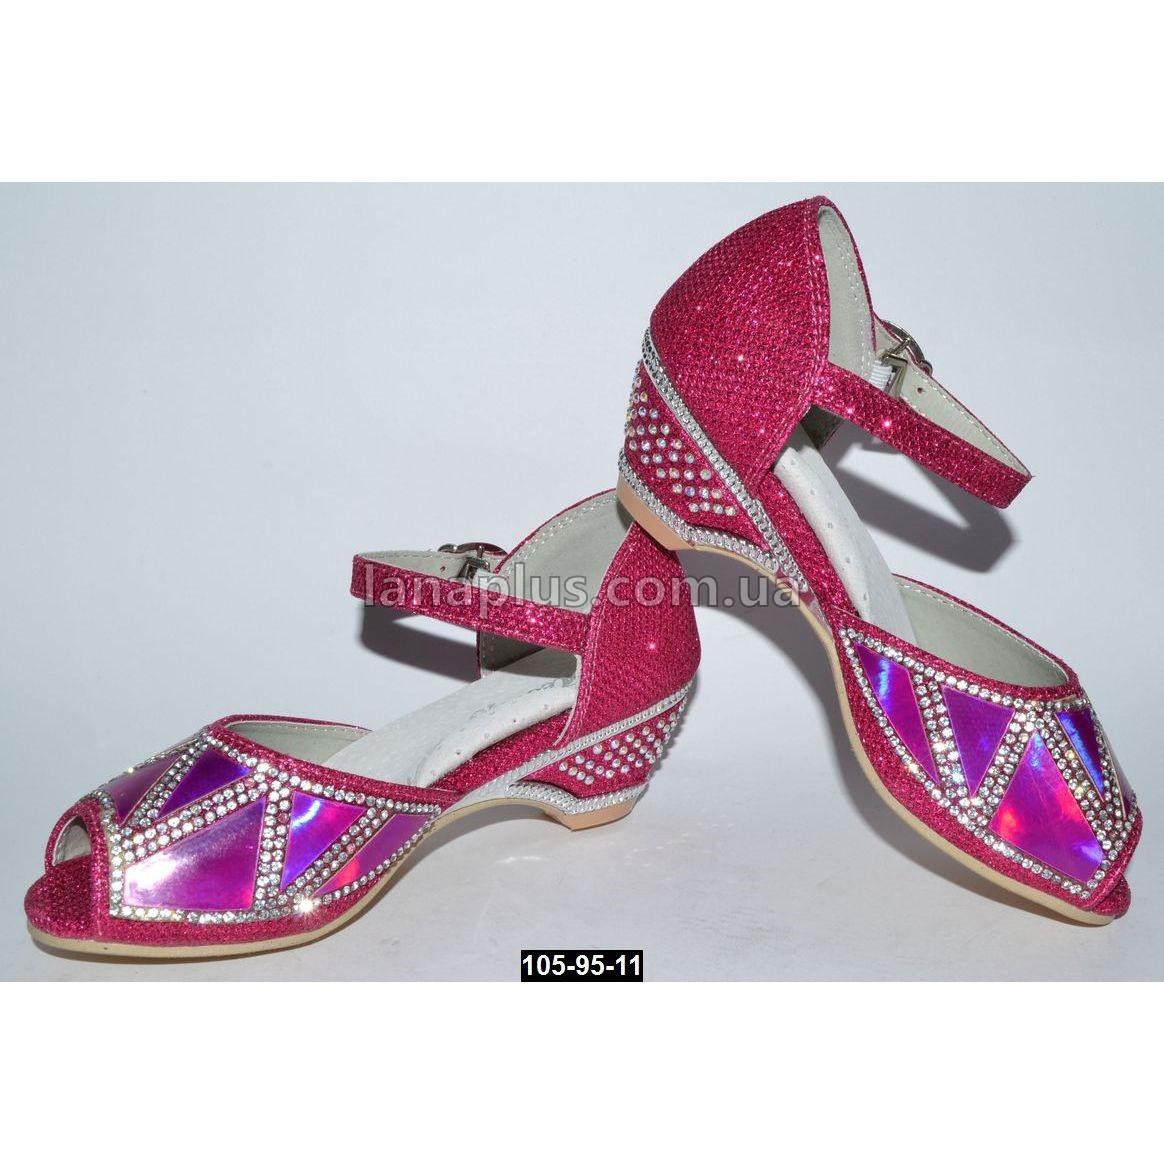 Нарядные босоножки для девочки 26 размер (17.7 см), праздничные туфельки на утренник